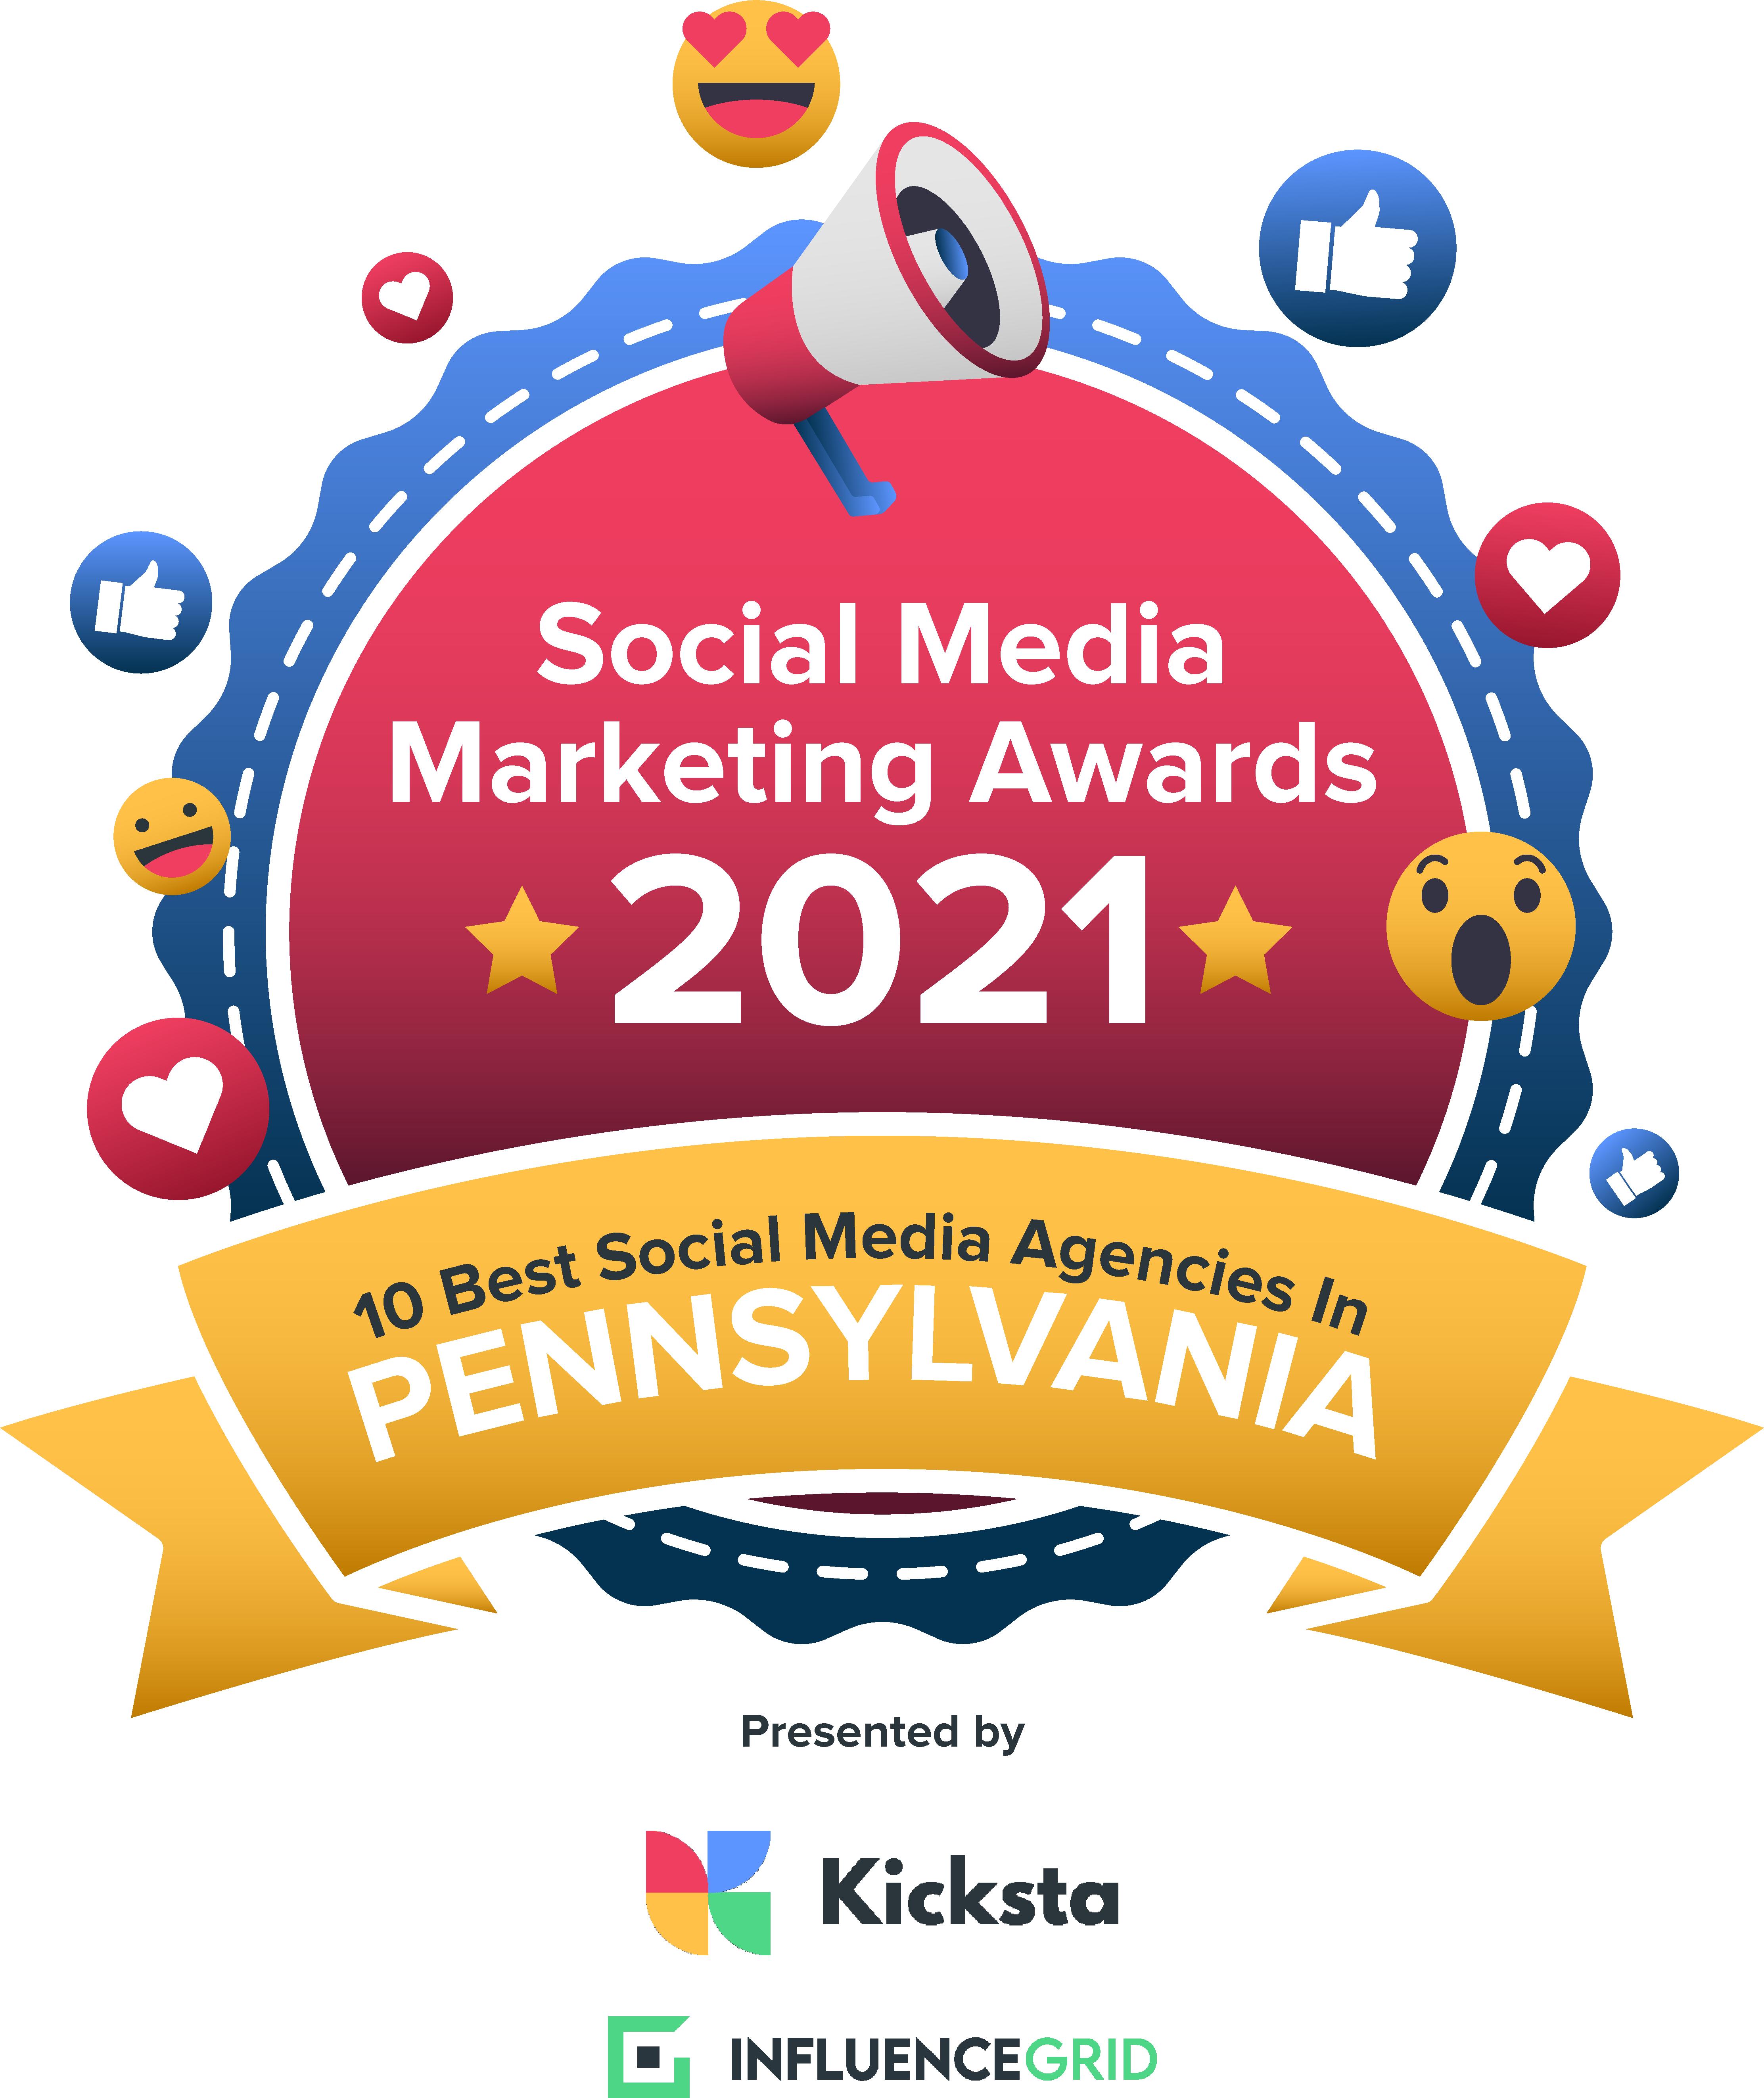 social-media-marketing-awards-2021